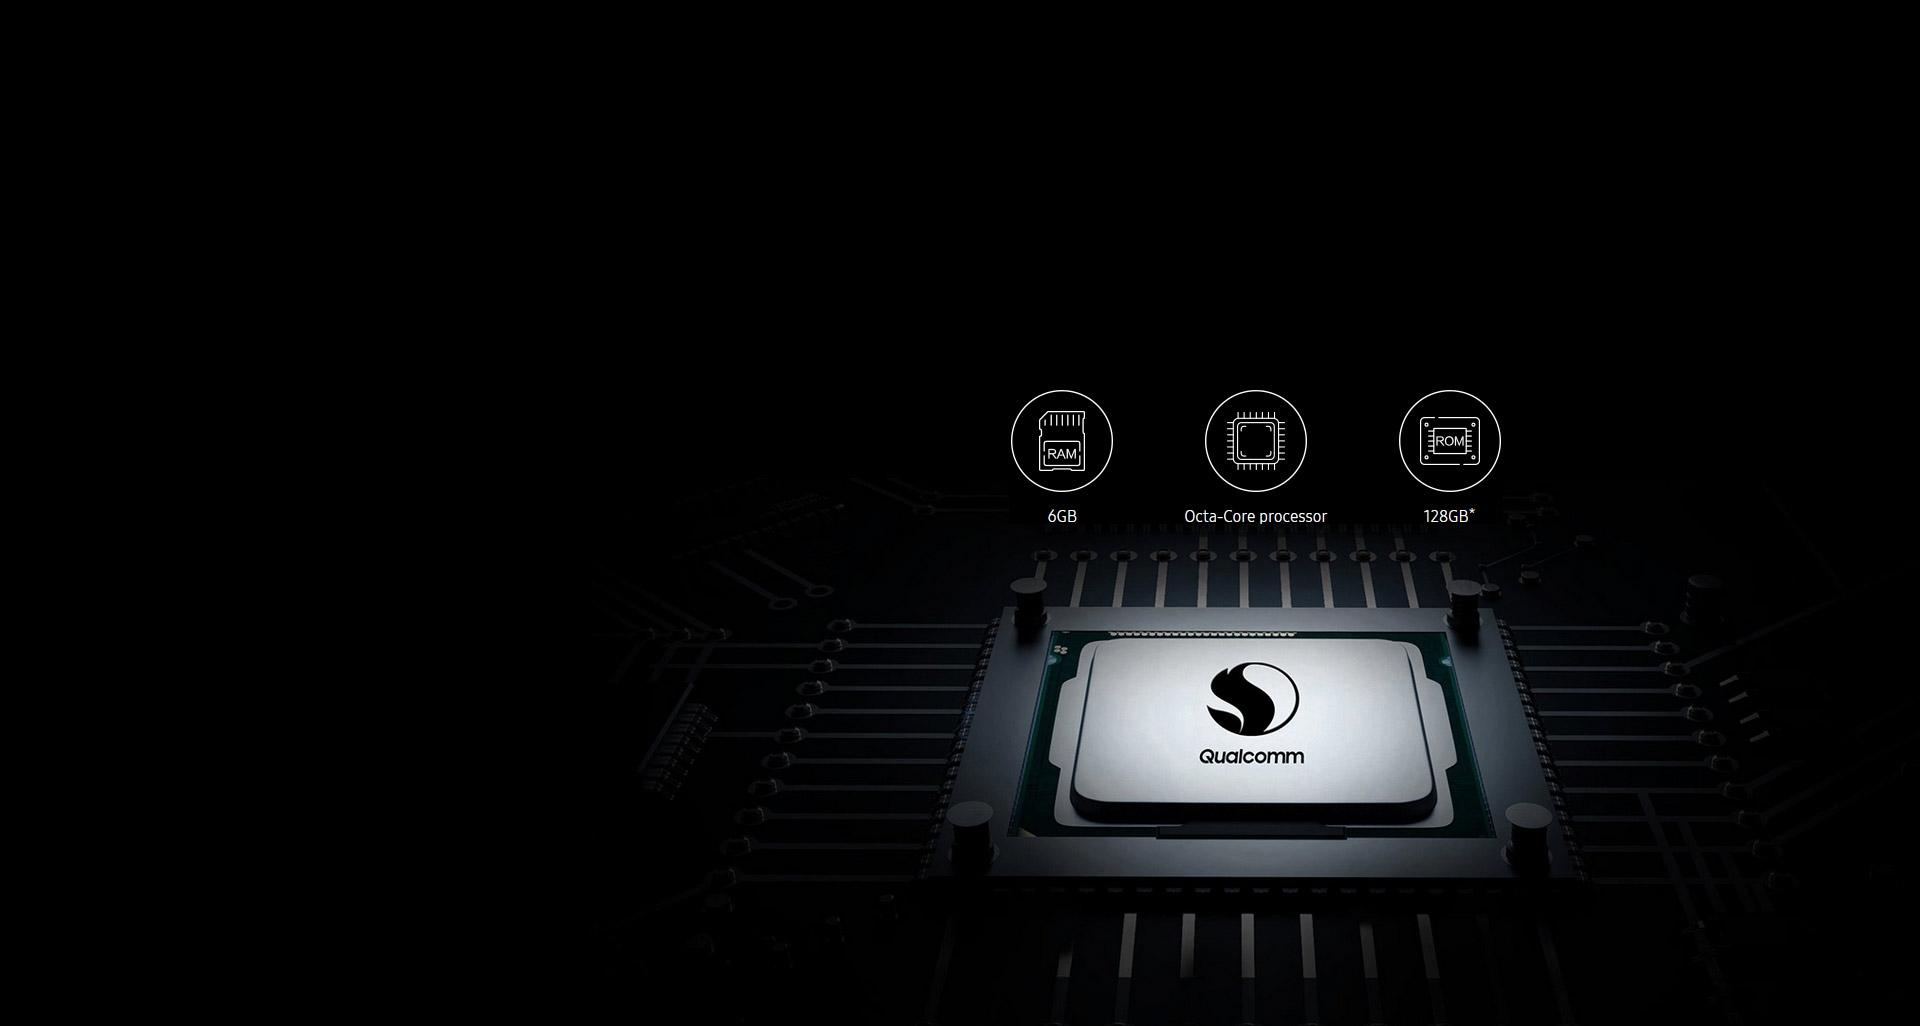 پردازنده های قدرتمند و امکانات جدید سامسونگ گلکسی A60